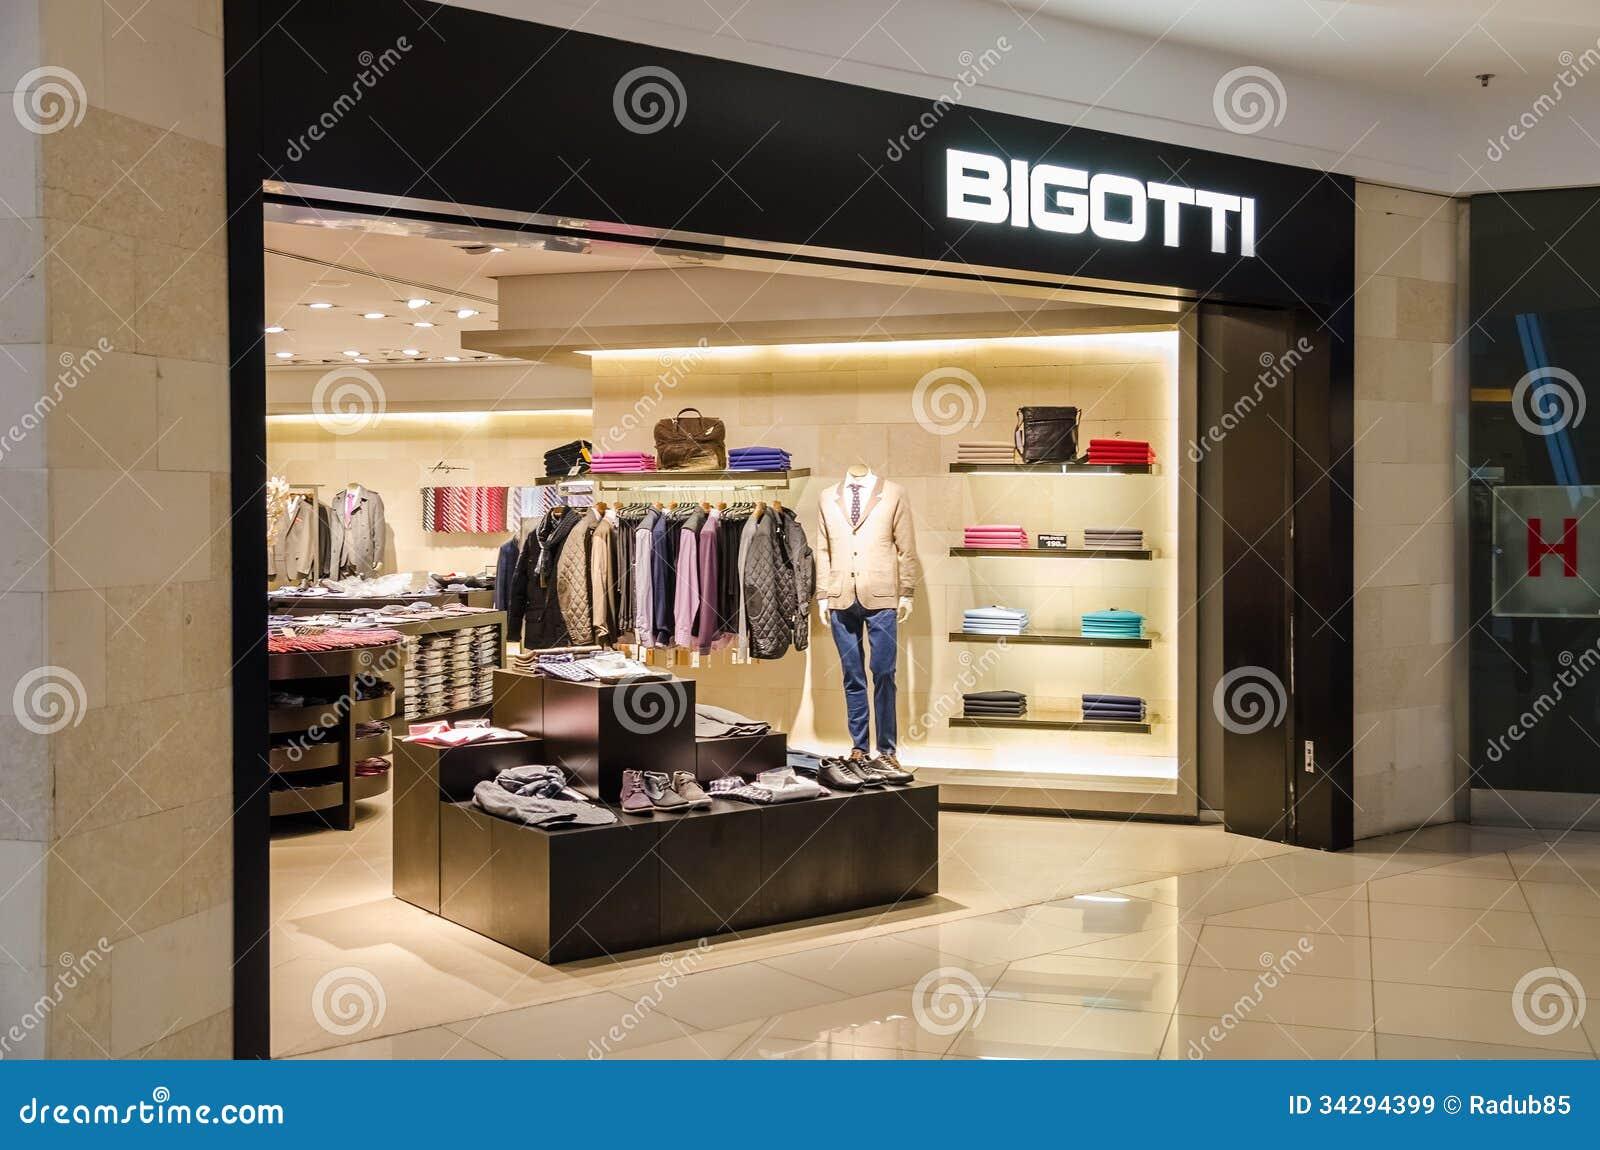 Front Elevation Of Garment Showroom : Deposito di bigotti immagine stock editoriale